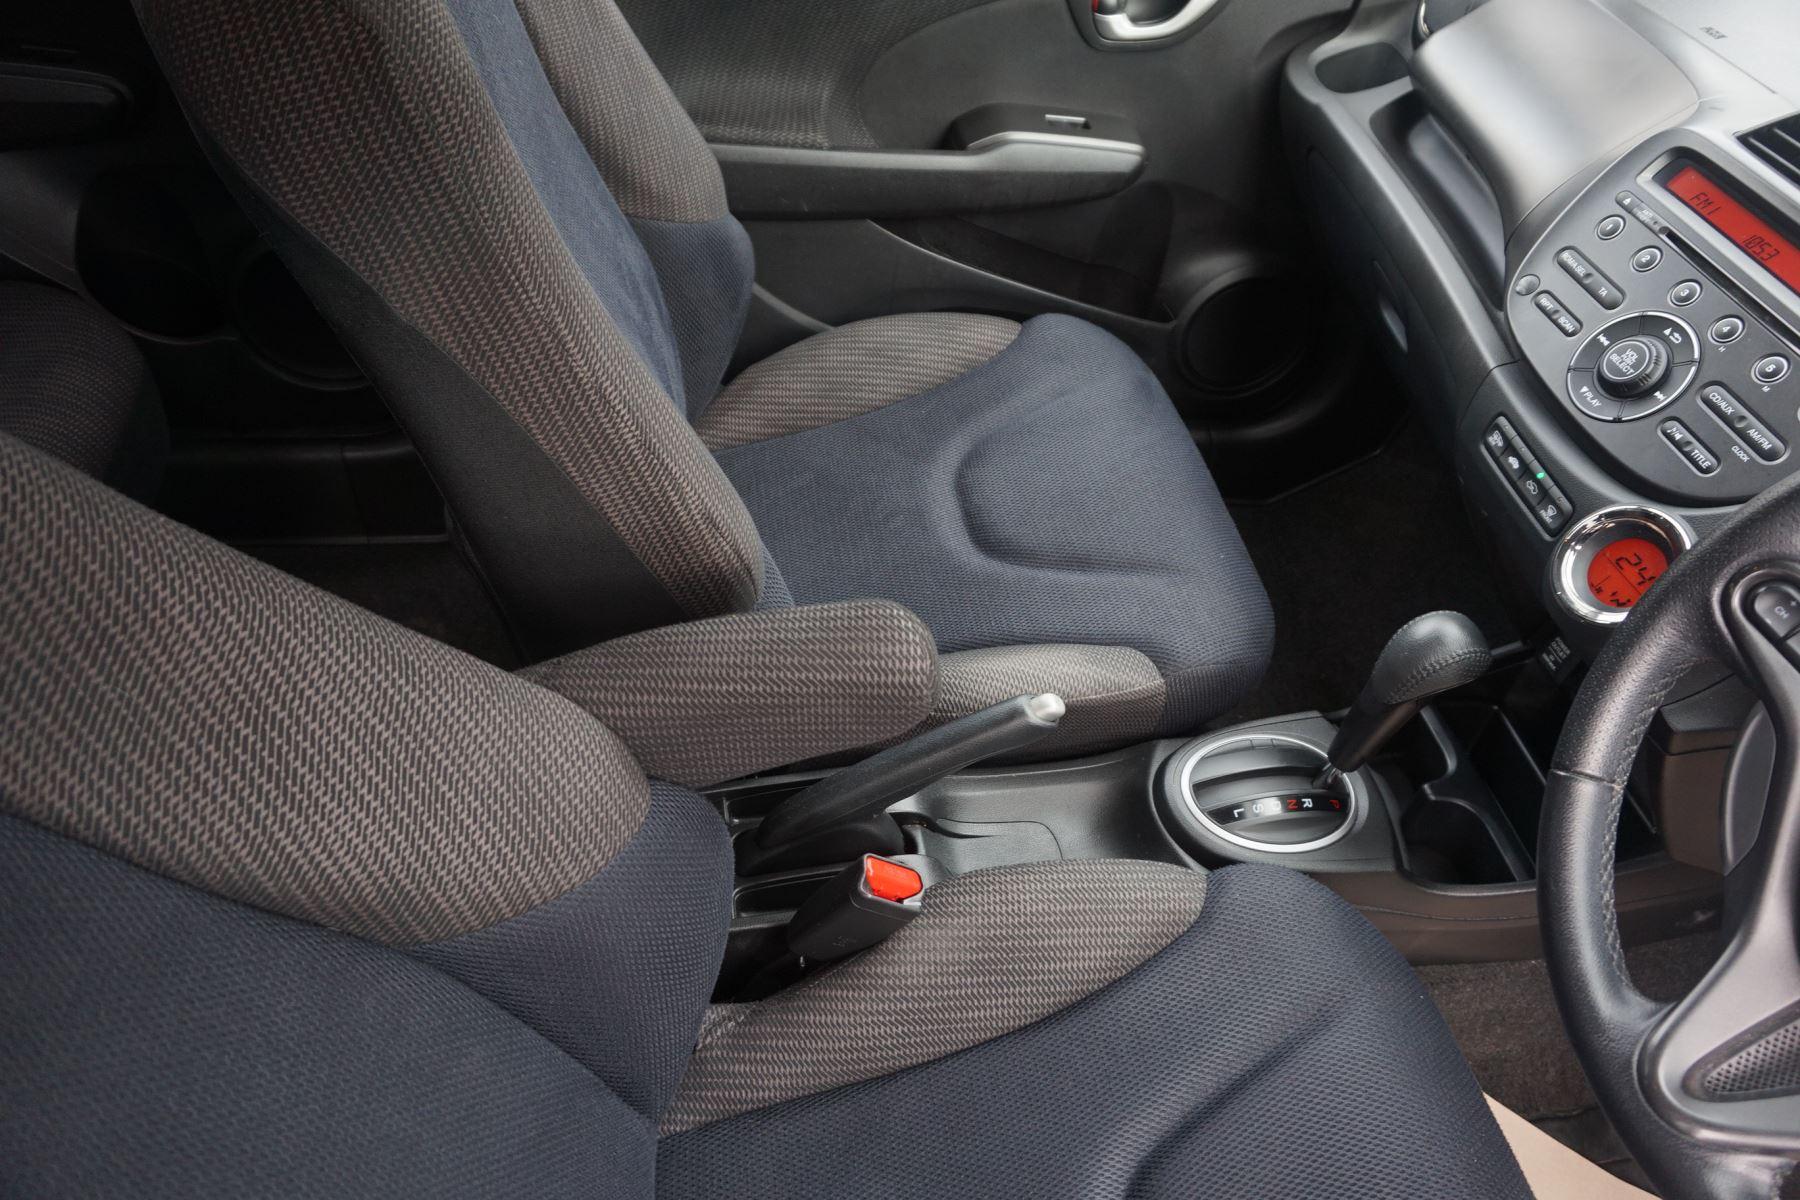 Honda Jazz 1.4 i-VTEC ES Plus CVT image 18